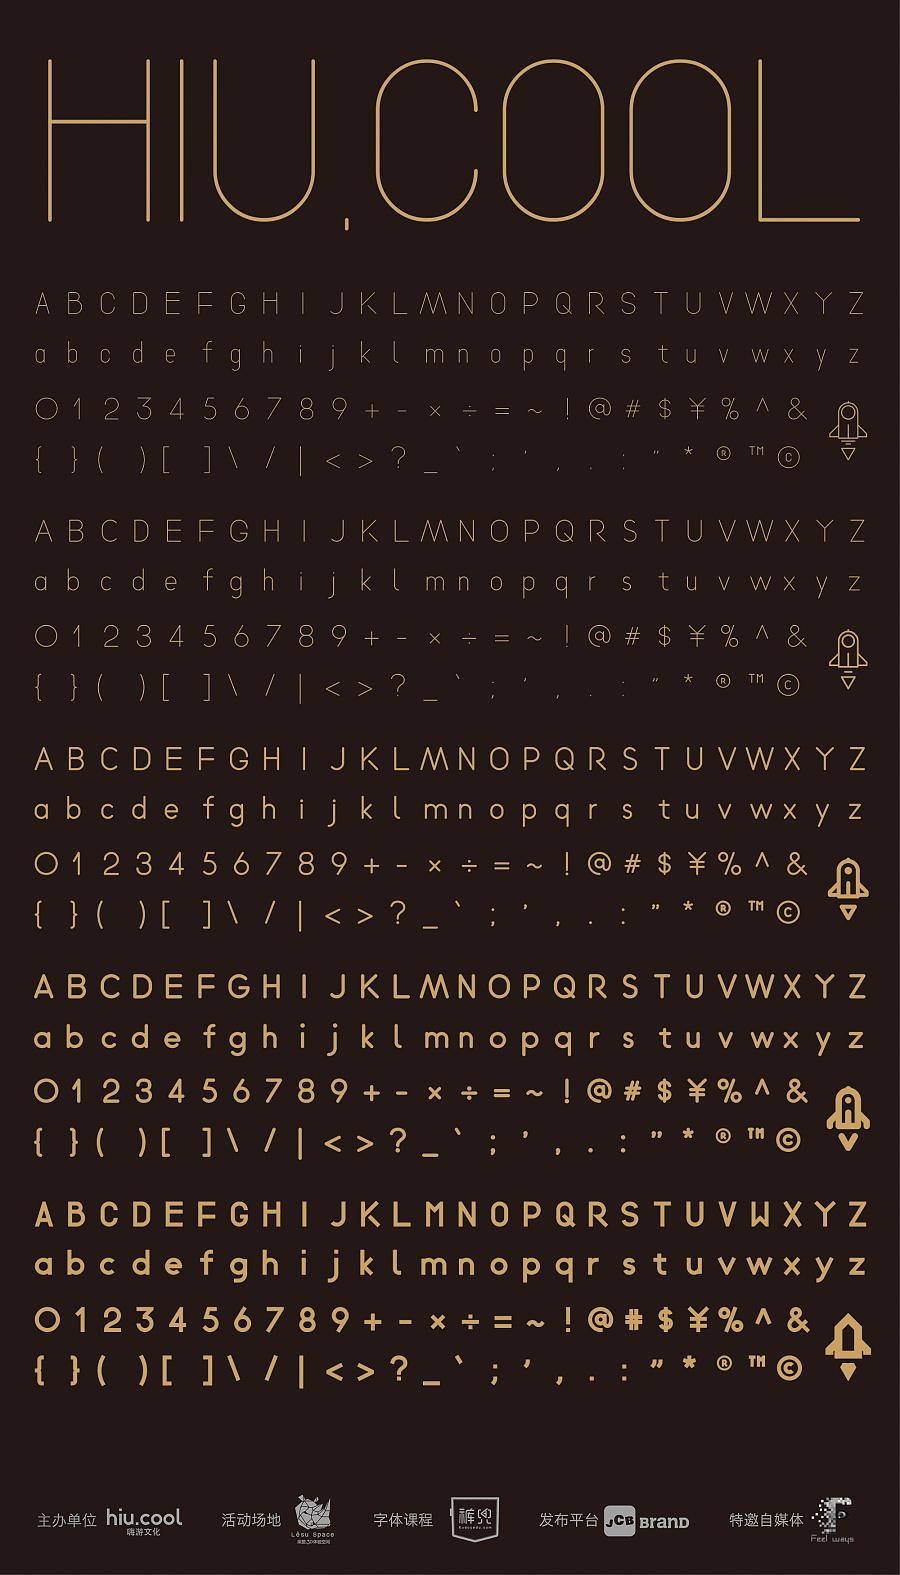 一款免费黄金的字体比例英文字体|机械/字商用设计院5栋怎么样图片